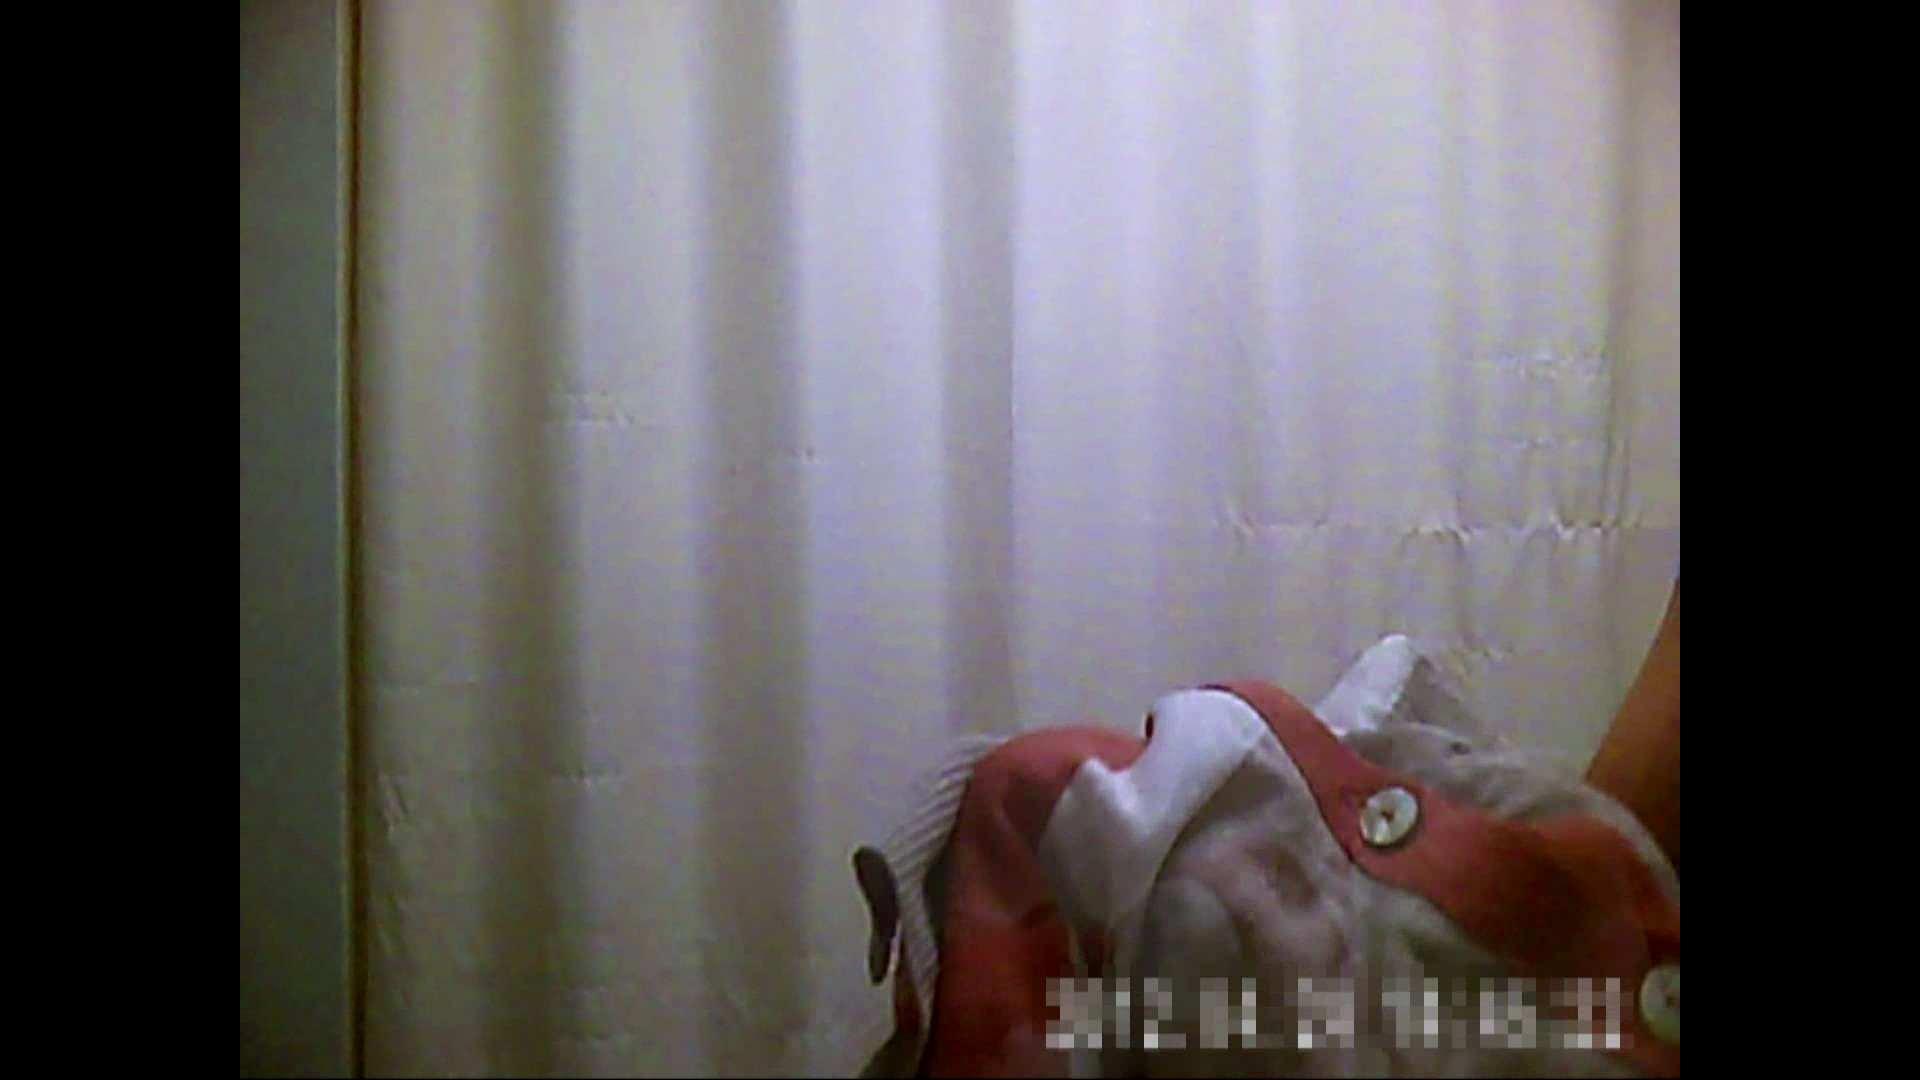 元医者による反抗 更衣室地獄絵巻 vol.010 ギャル  97PIX 73